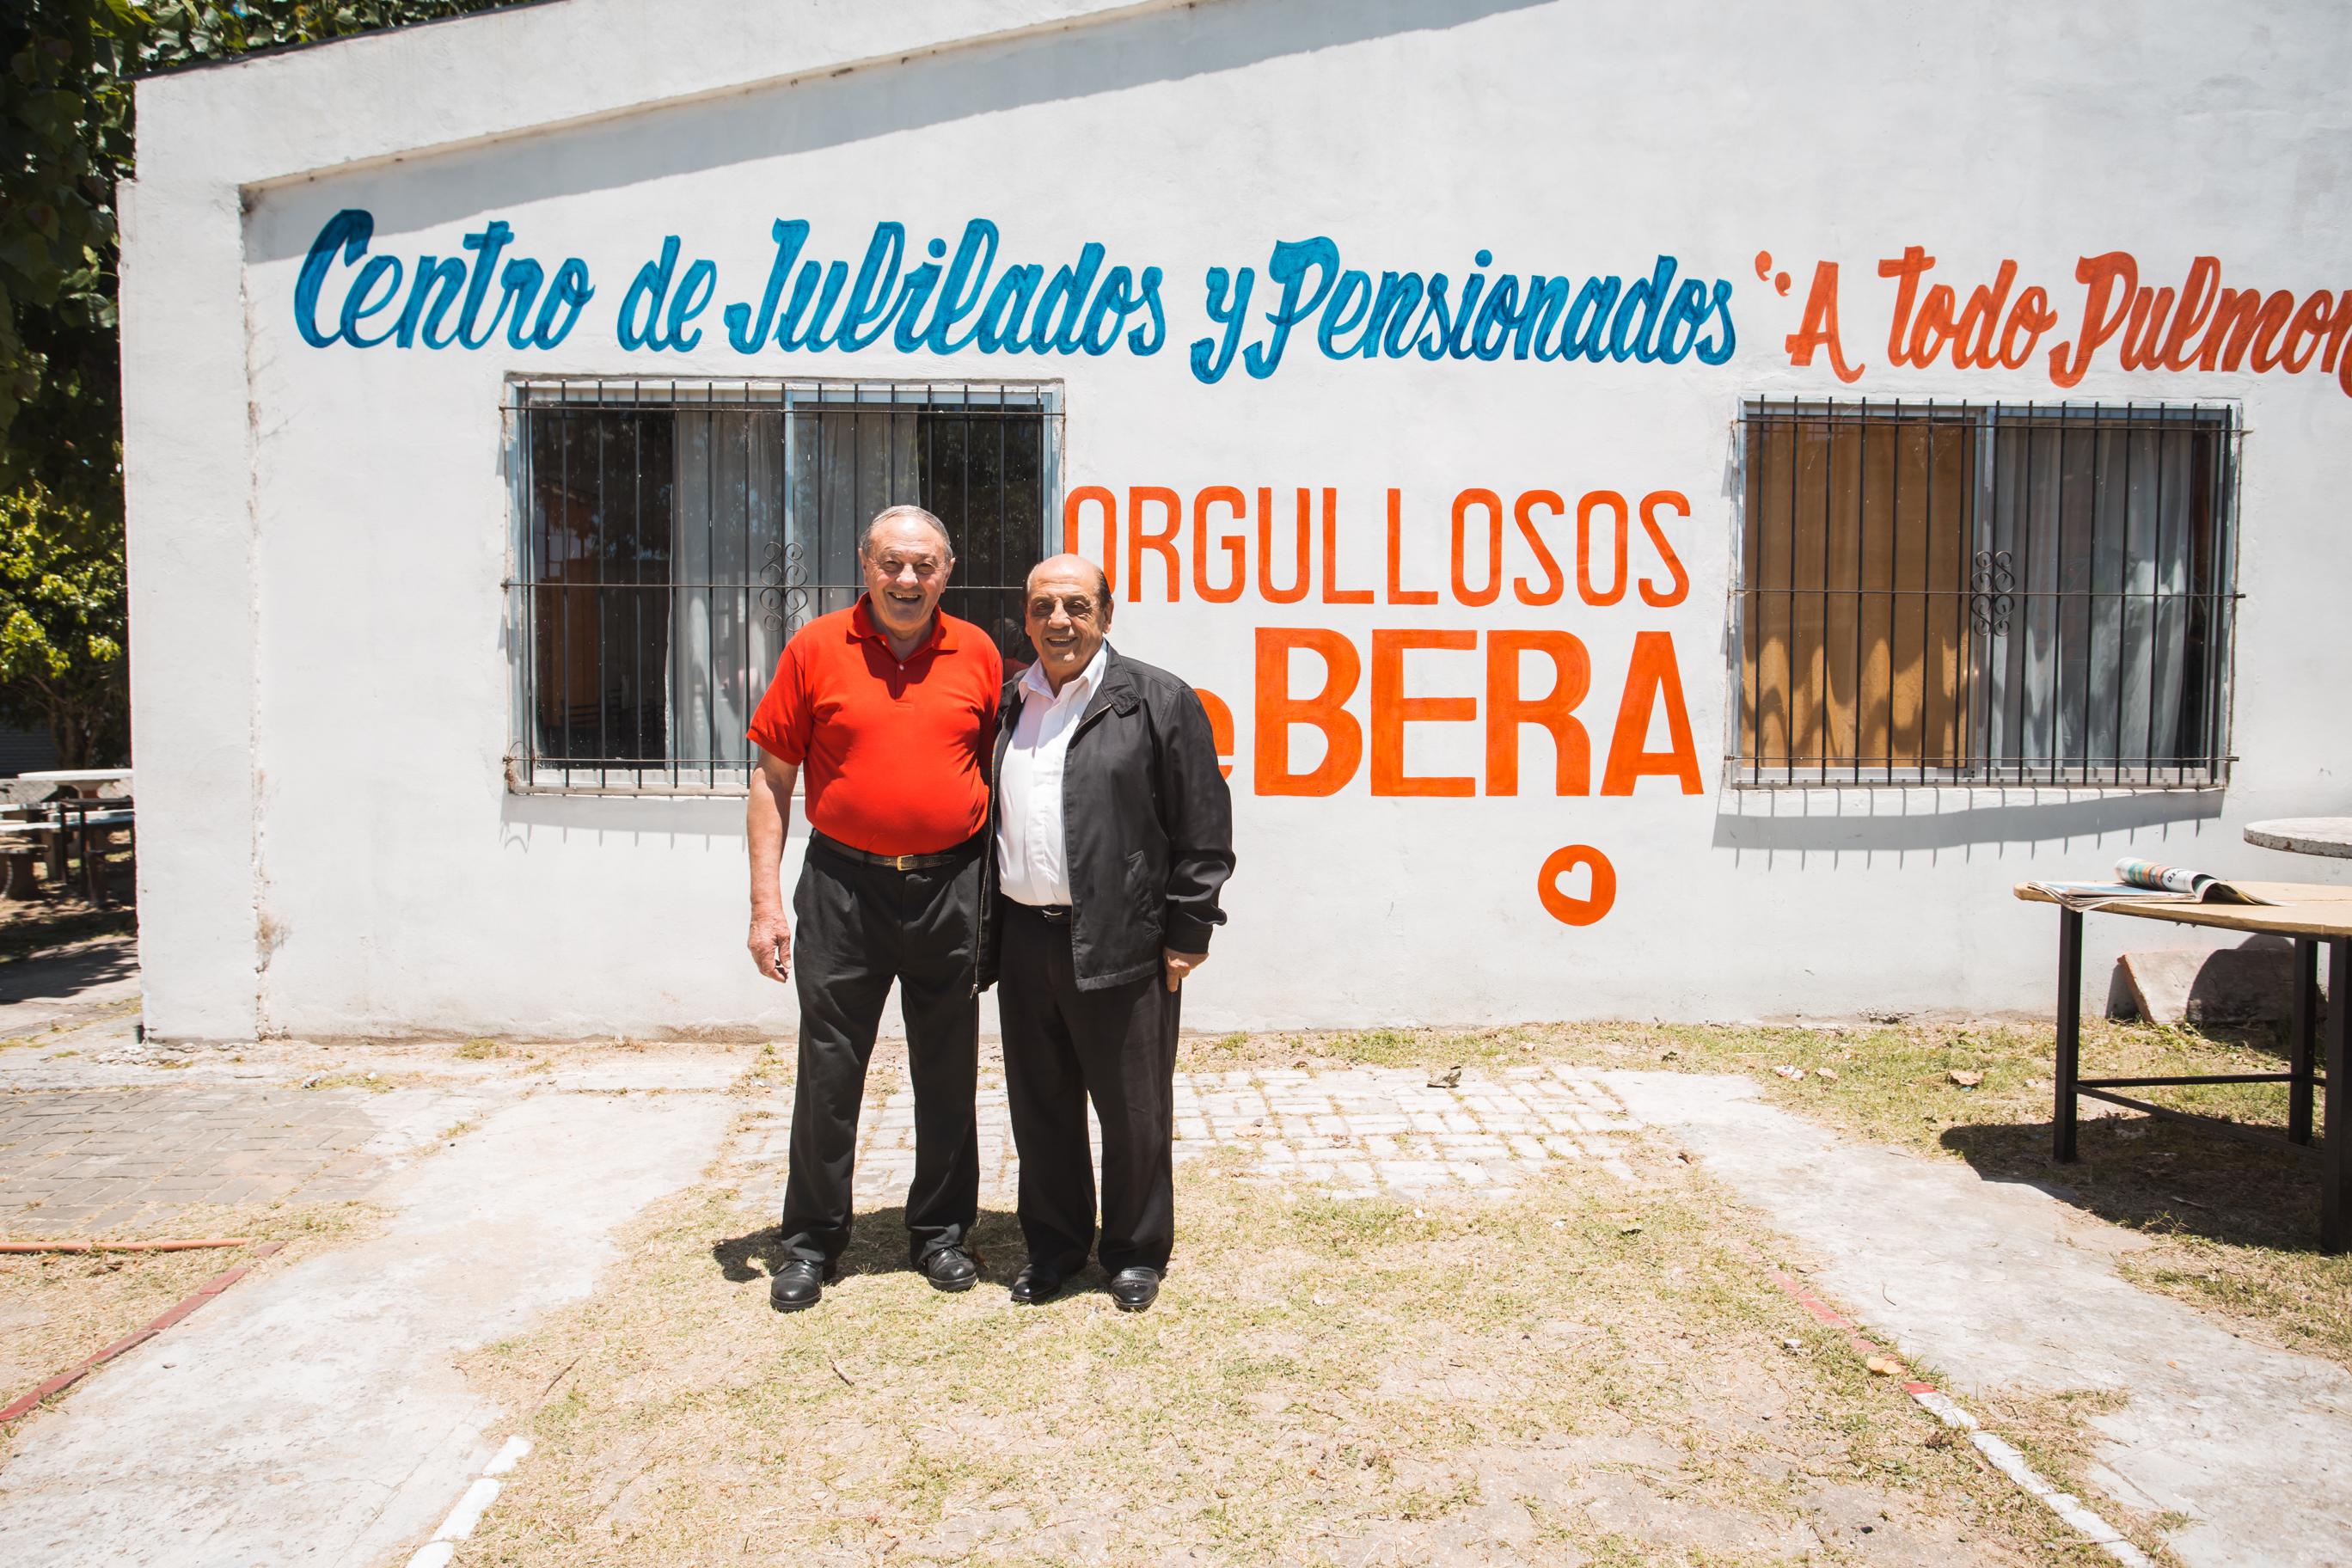 """EL CENTRO DE JUBILADOS """"A TODO PULMÓN"""" FESTEJÓ SU 15° ANIVERSARIO (1).jpg"""